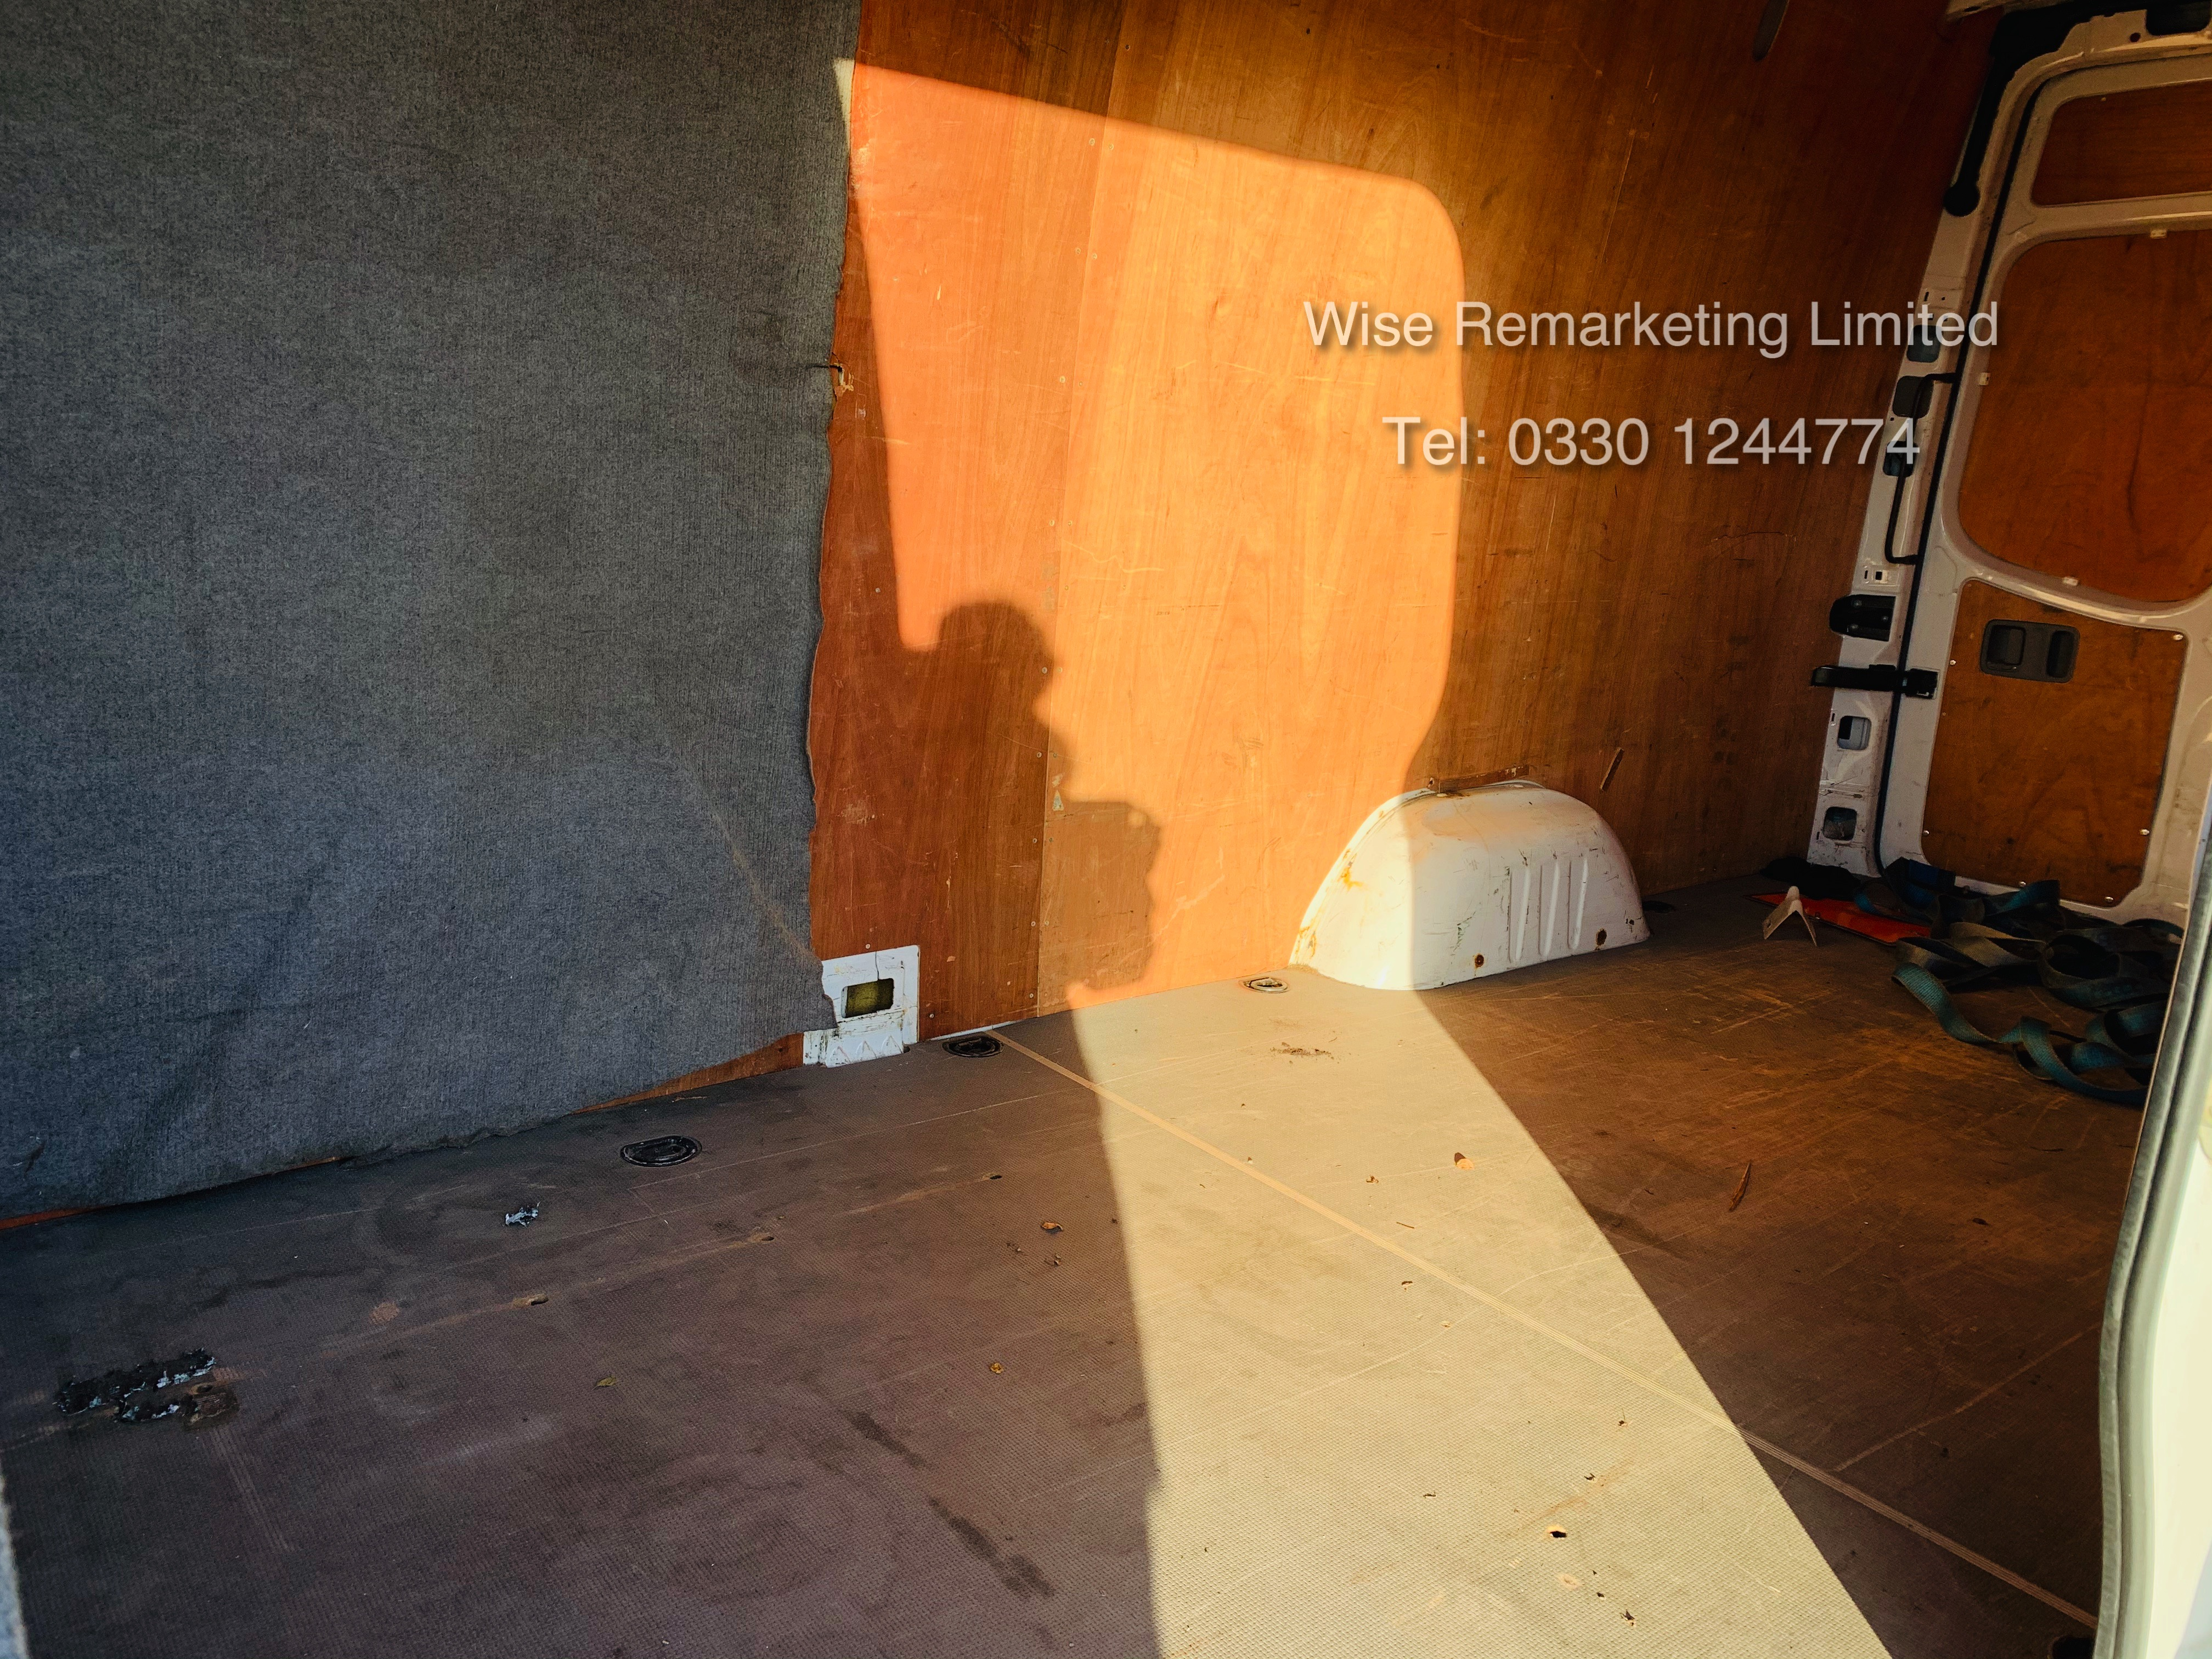 (RESERVE MET) Mercedes Sprinter 316 2.1 CDI Long Wheel Base High Roof Van - 2014 Model - 1 Owner - Image 9 of 19